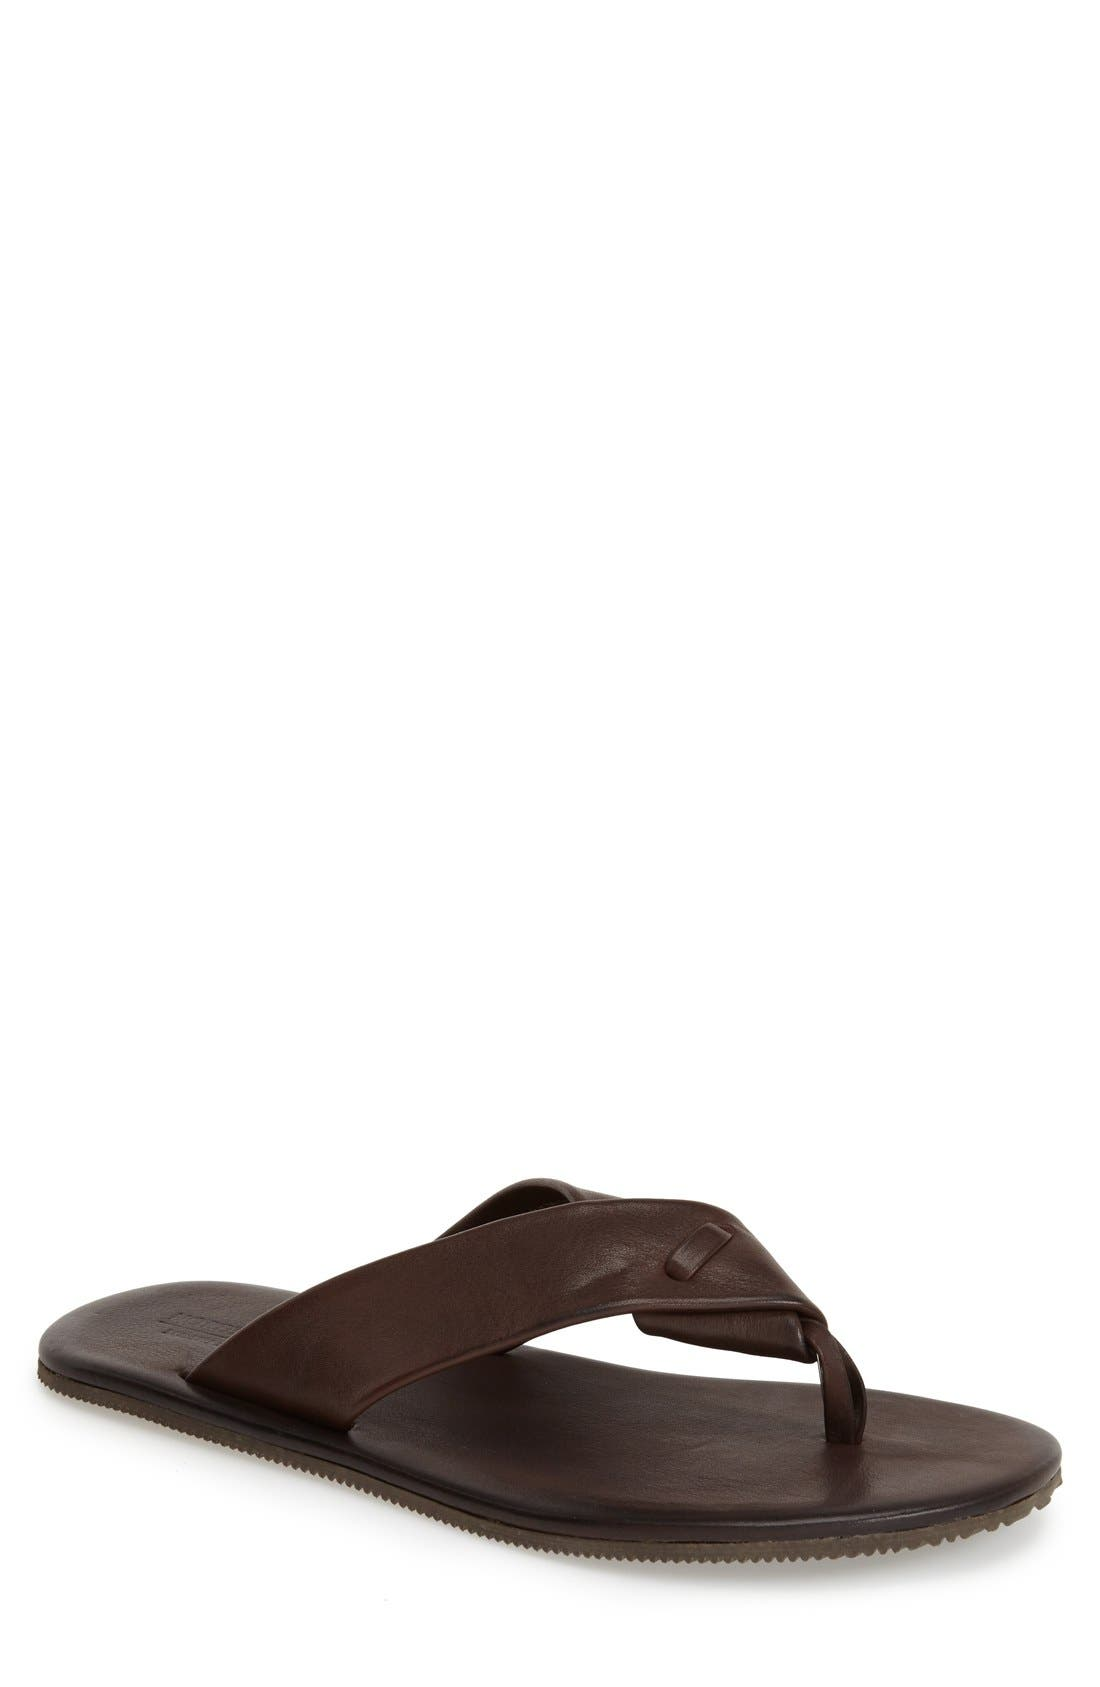 'Breeze' Flip Flop,                         Main,                         color, 200